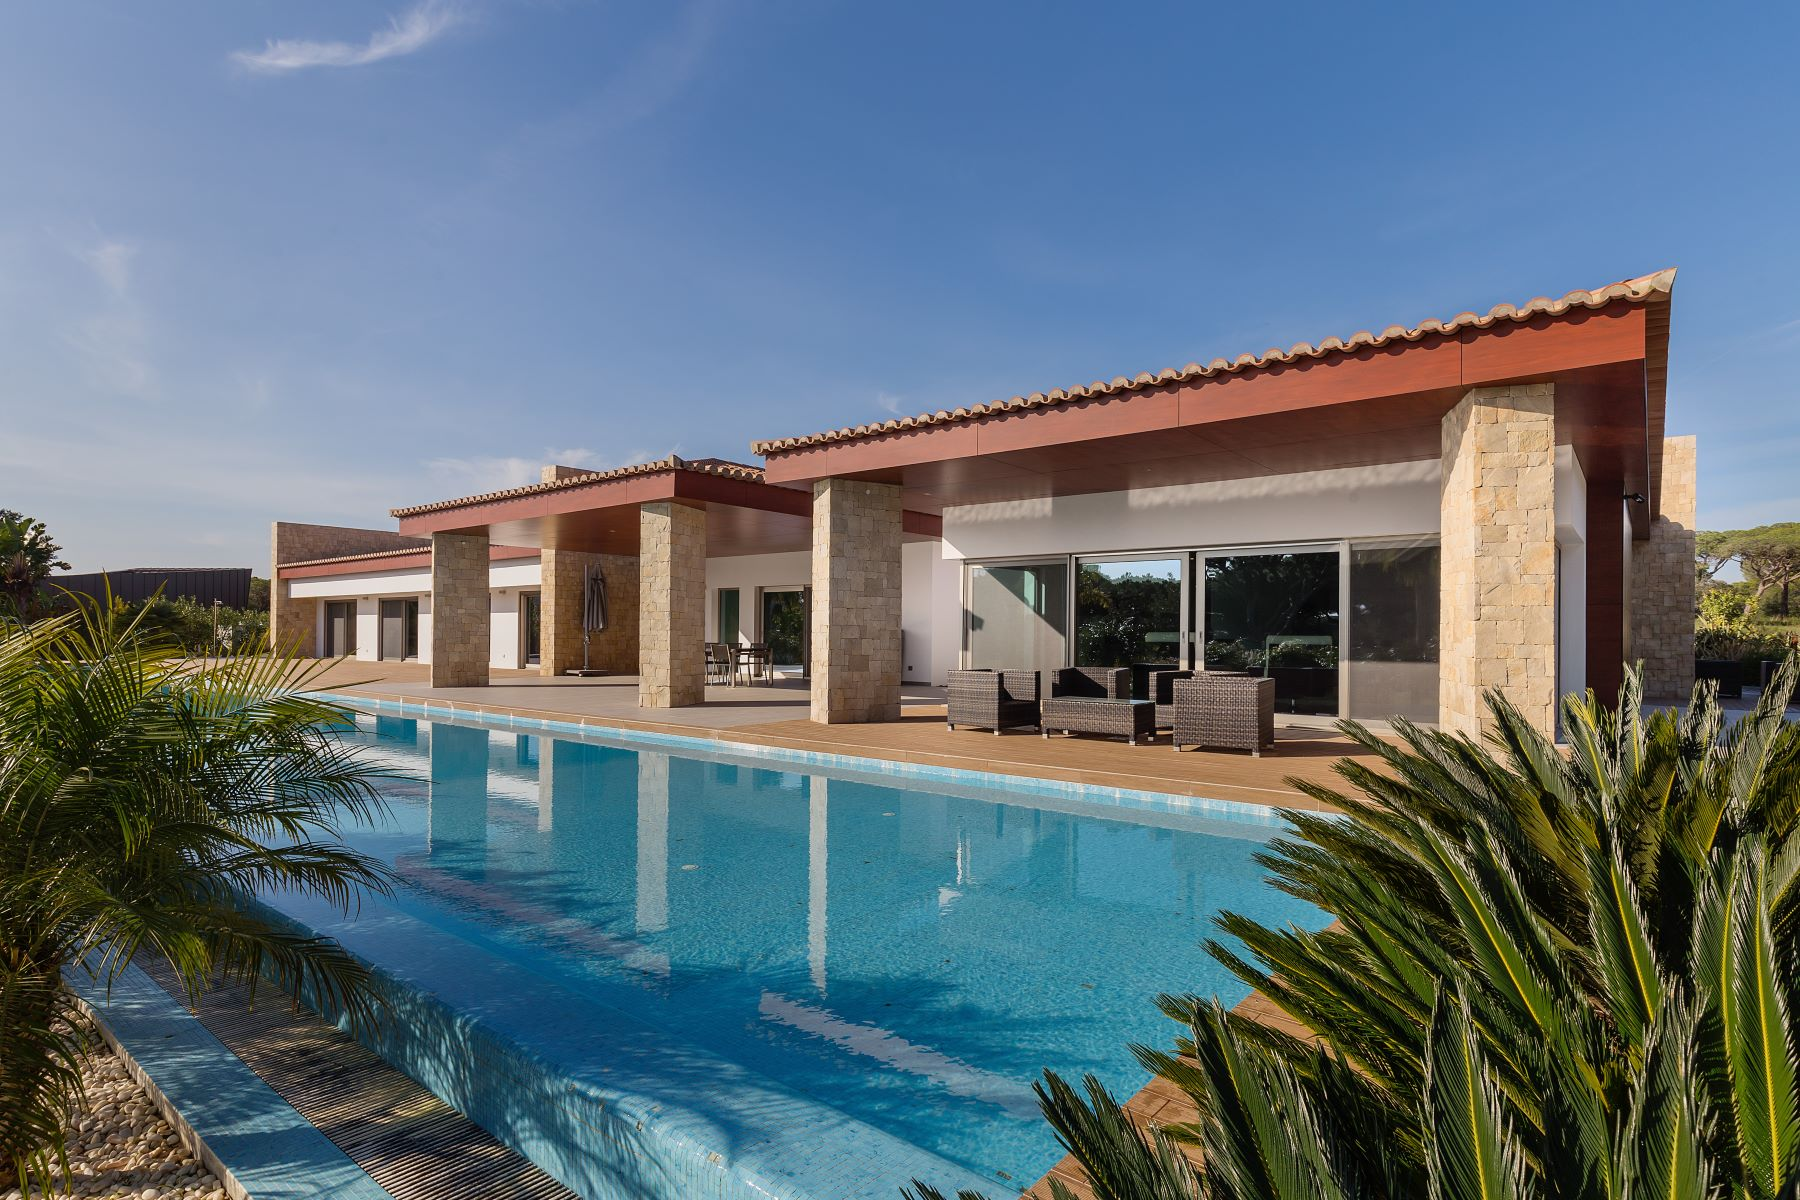 Maison unifamiliale pour l à vendre à Detached house, 5 bedrooms, for Sale Loule, Algarve, Portugal